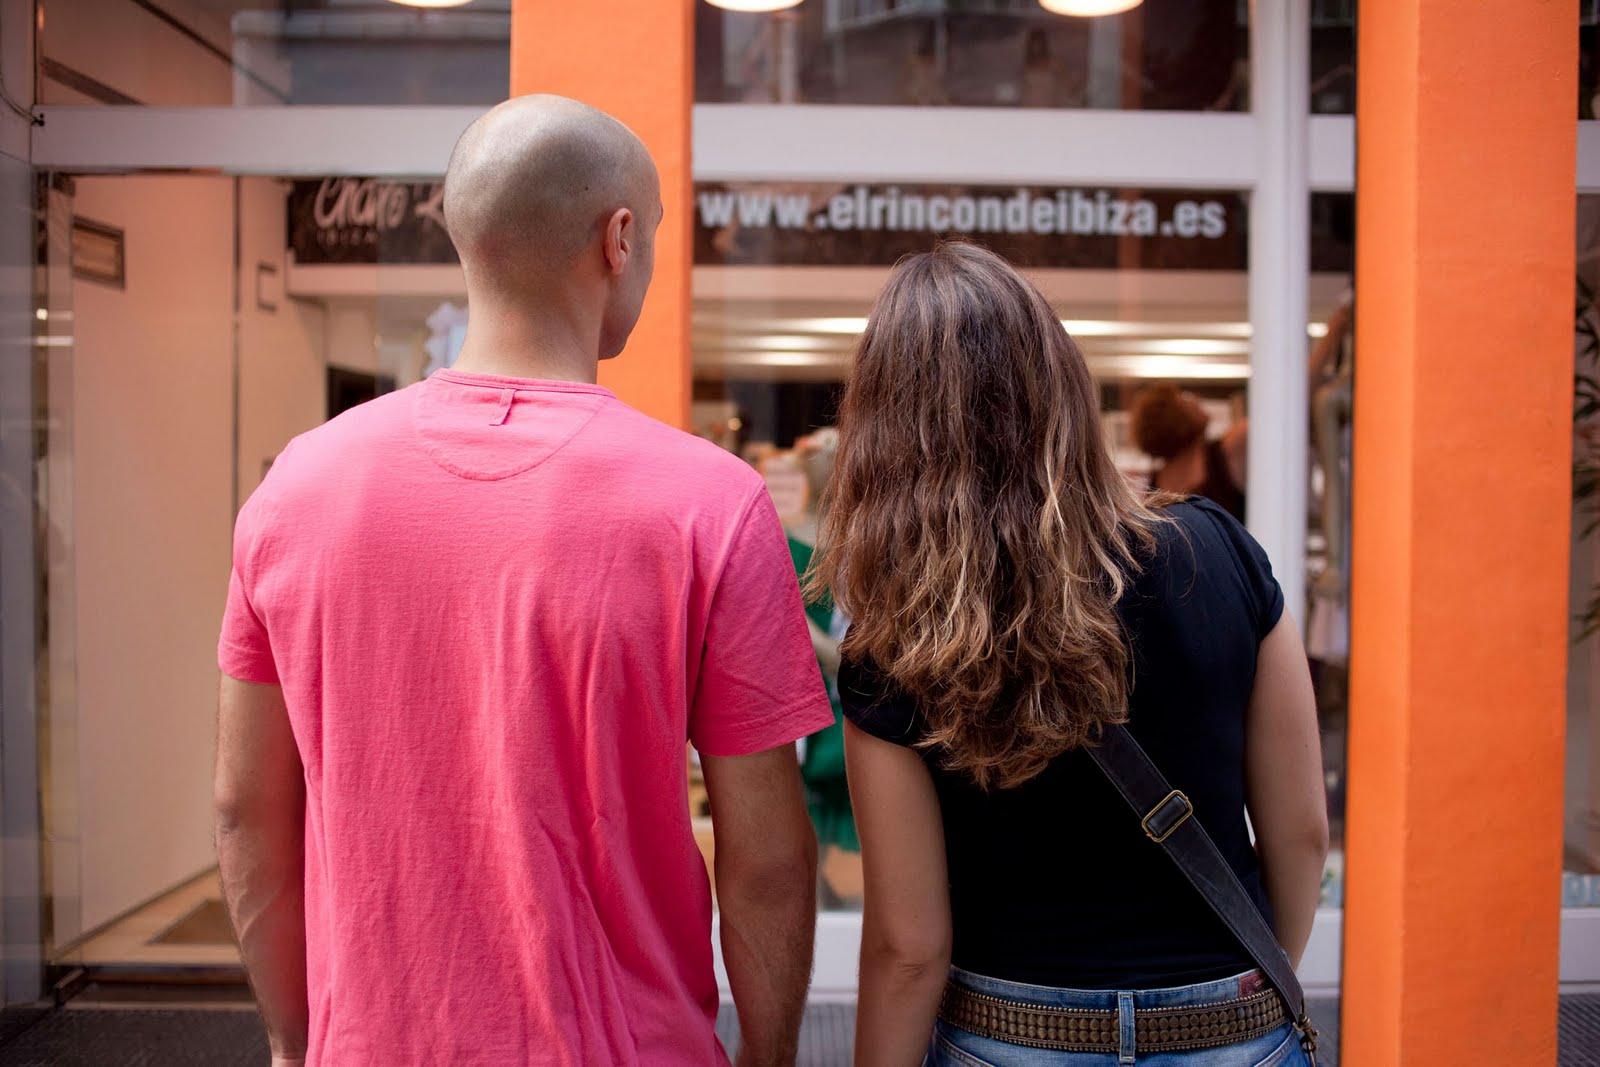 skype encontrar novia sexo culo cerca de valencia